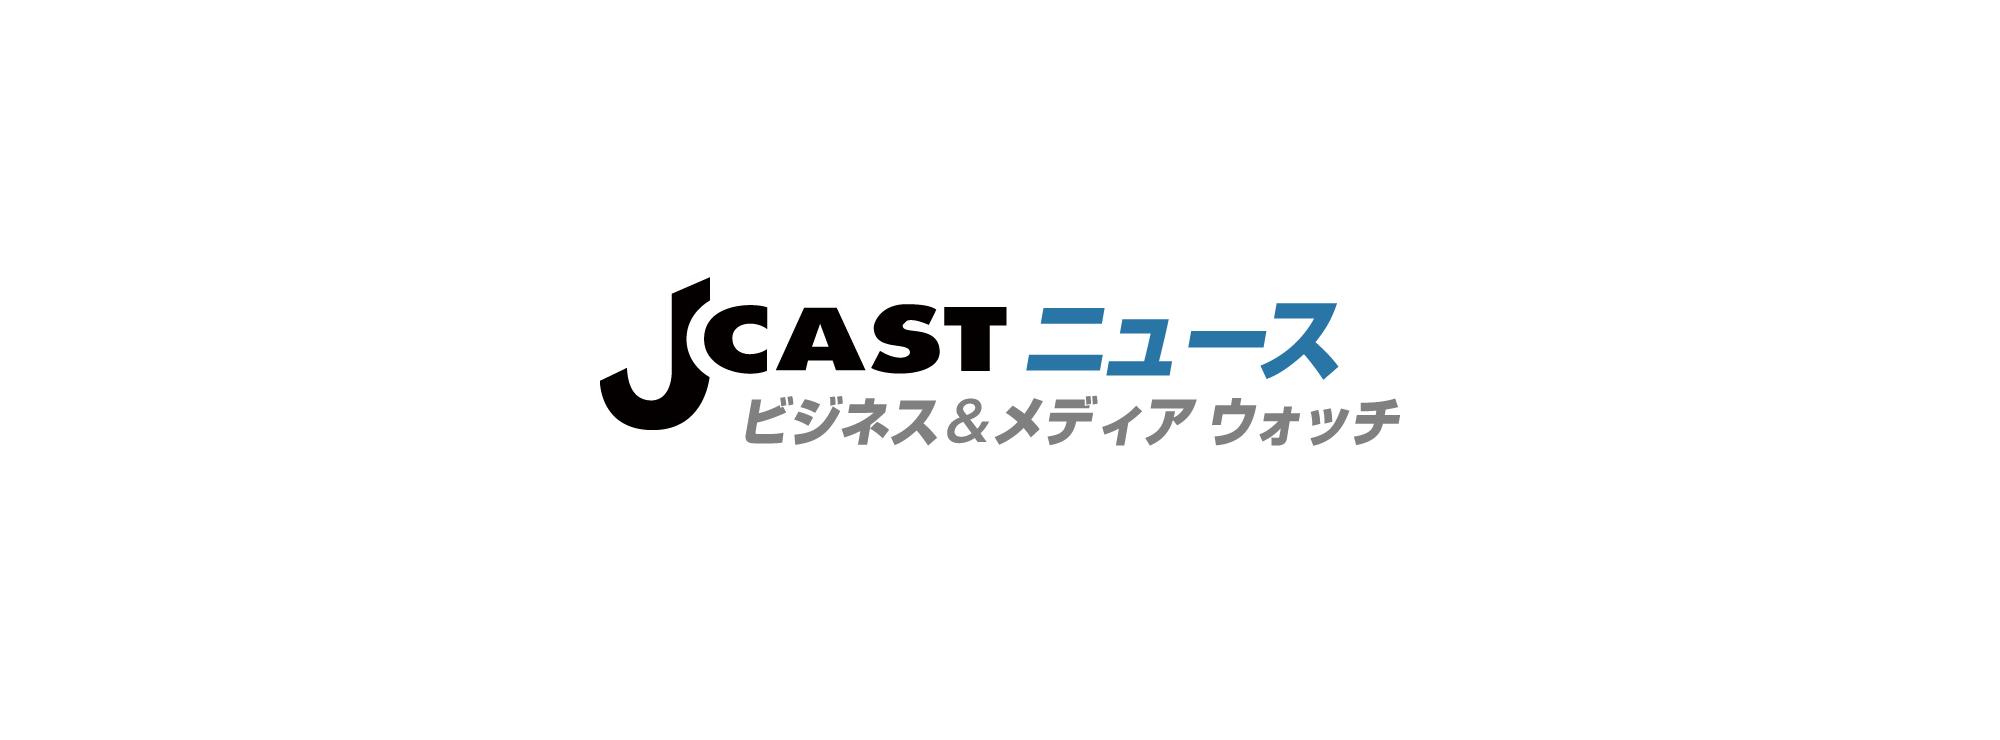 全文表示 | 宮崎駿監督の「憲法9条」「従軍慰安婦」発言 鈴木プロデューサーへの脅迫がきっかけ : J-CASTニュース